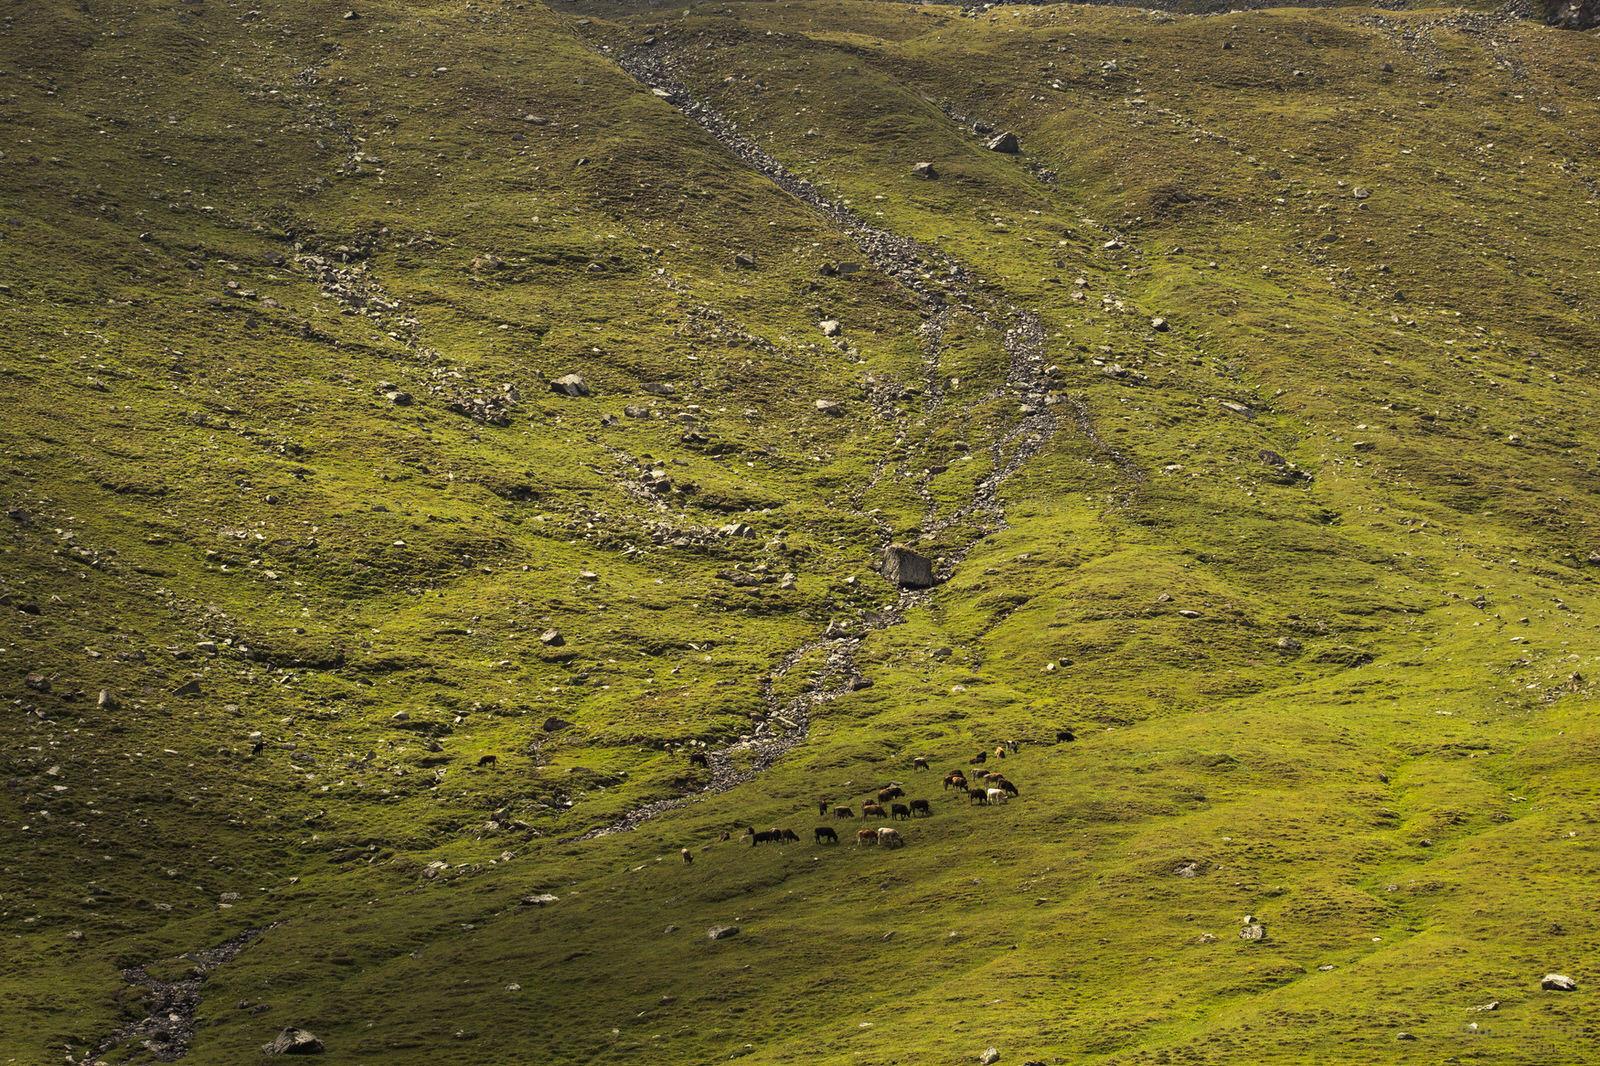 коровы на склоне горы